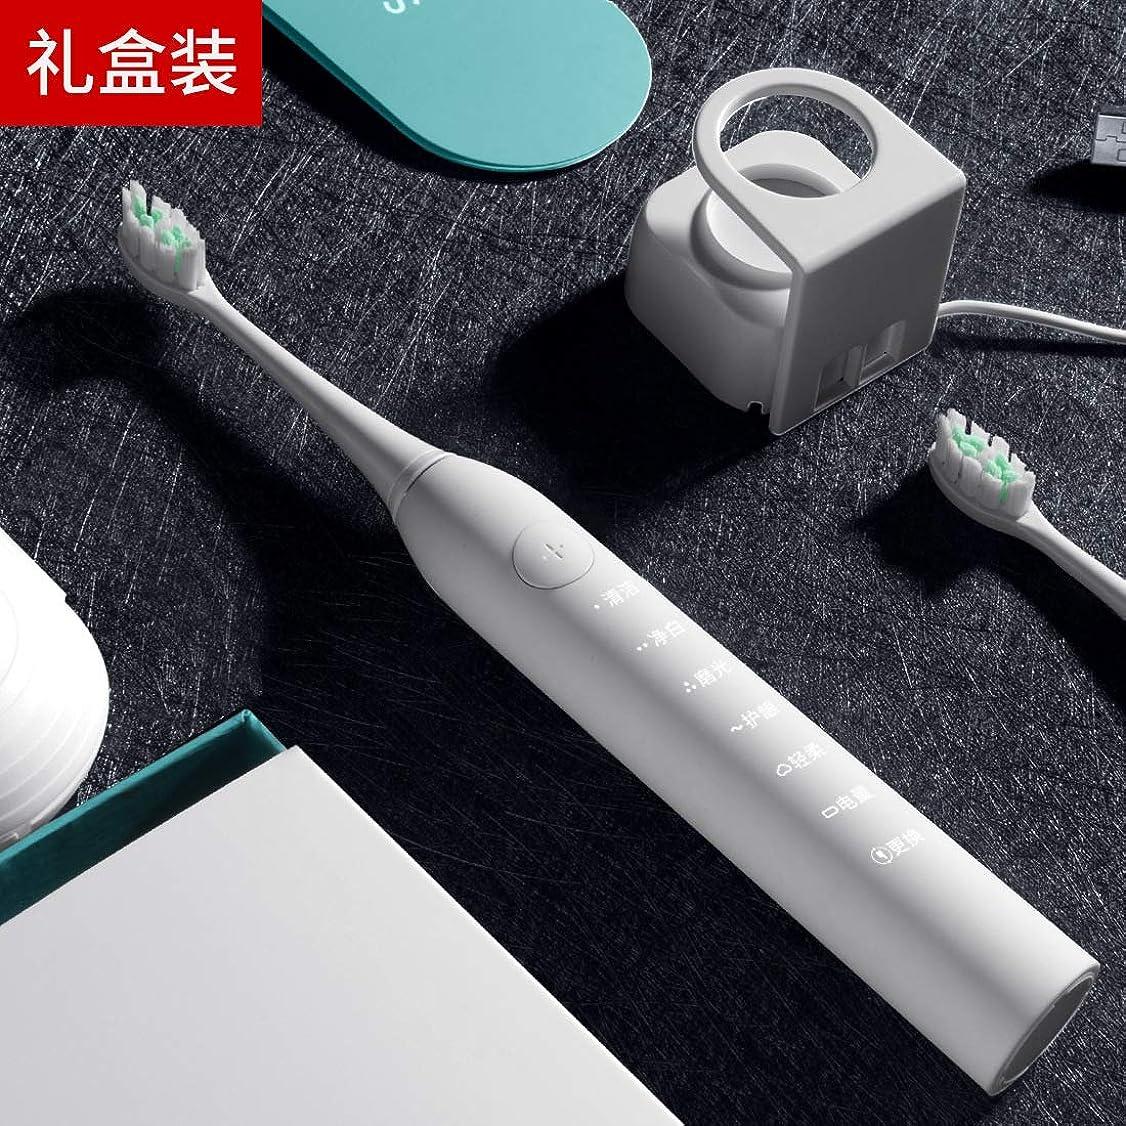 姪社会学ピッチャーギフトソニック電動歯ブラシ 大人スマート充電自動歯ブラシ ホワイトギフトボックスエディション